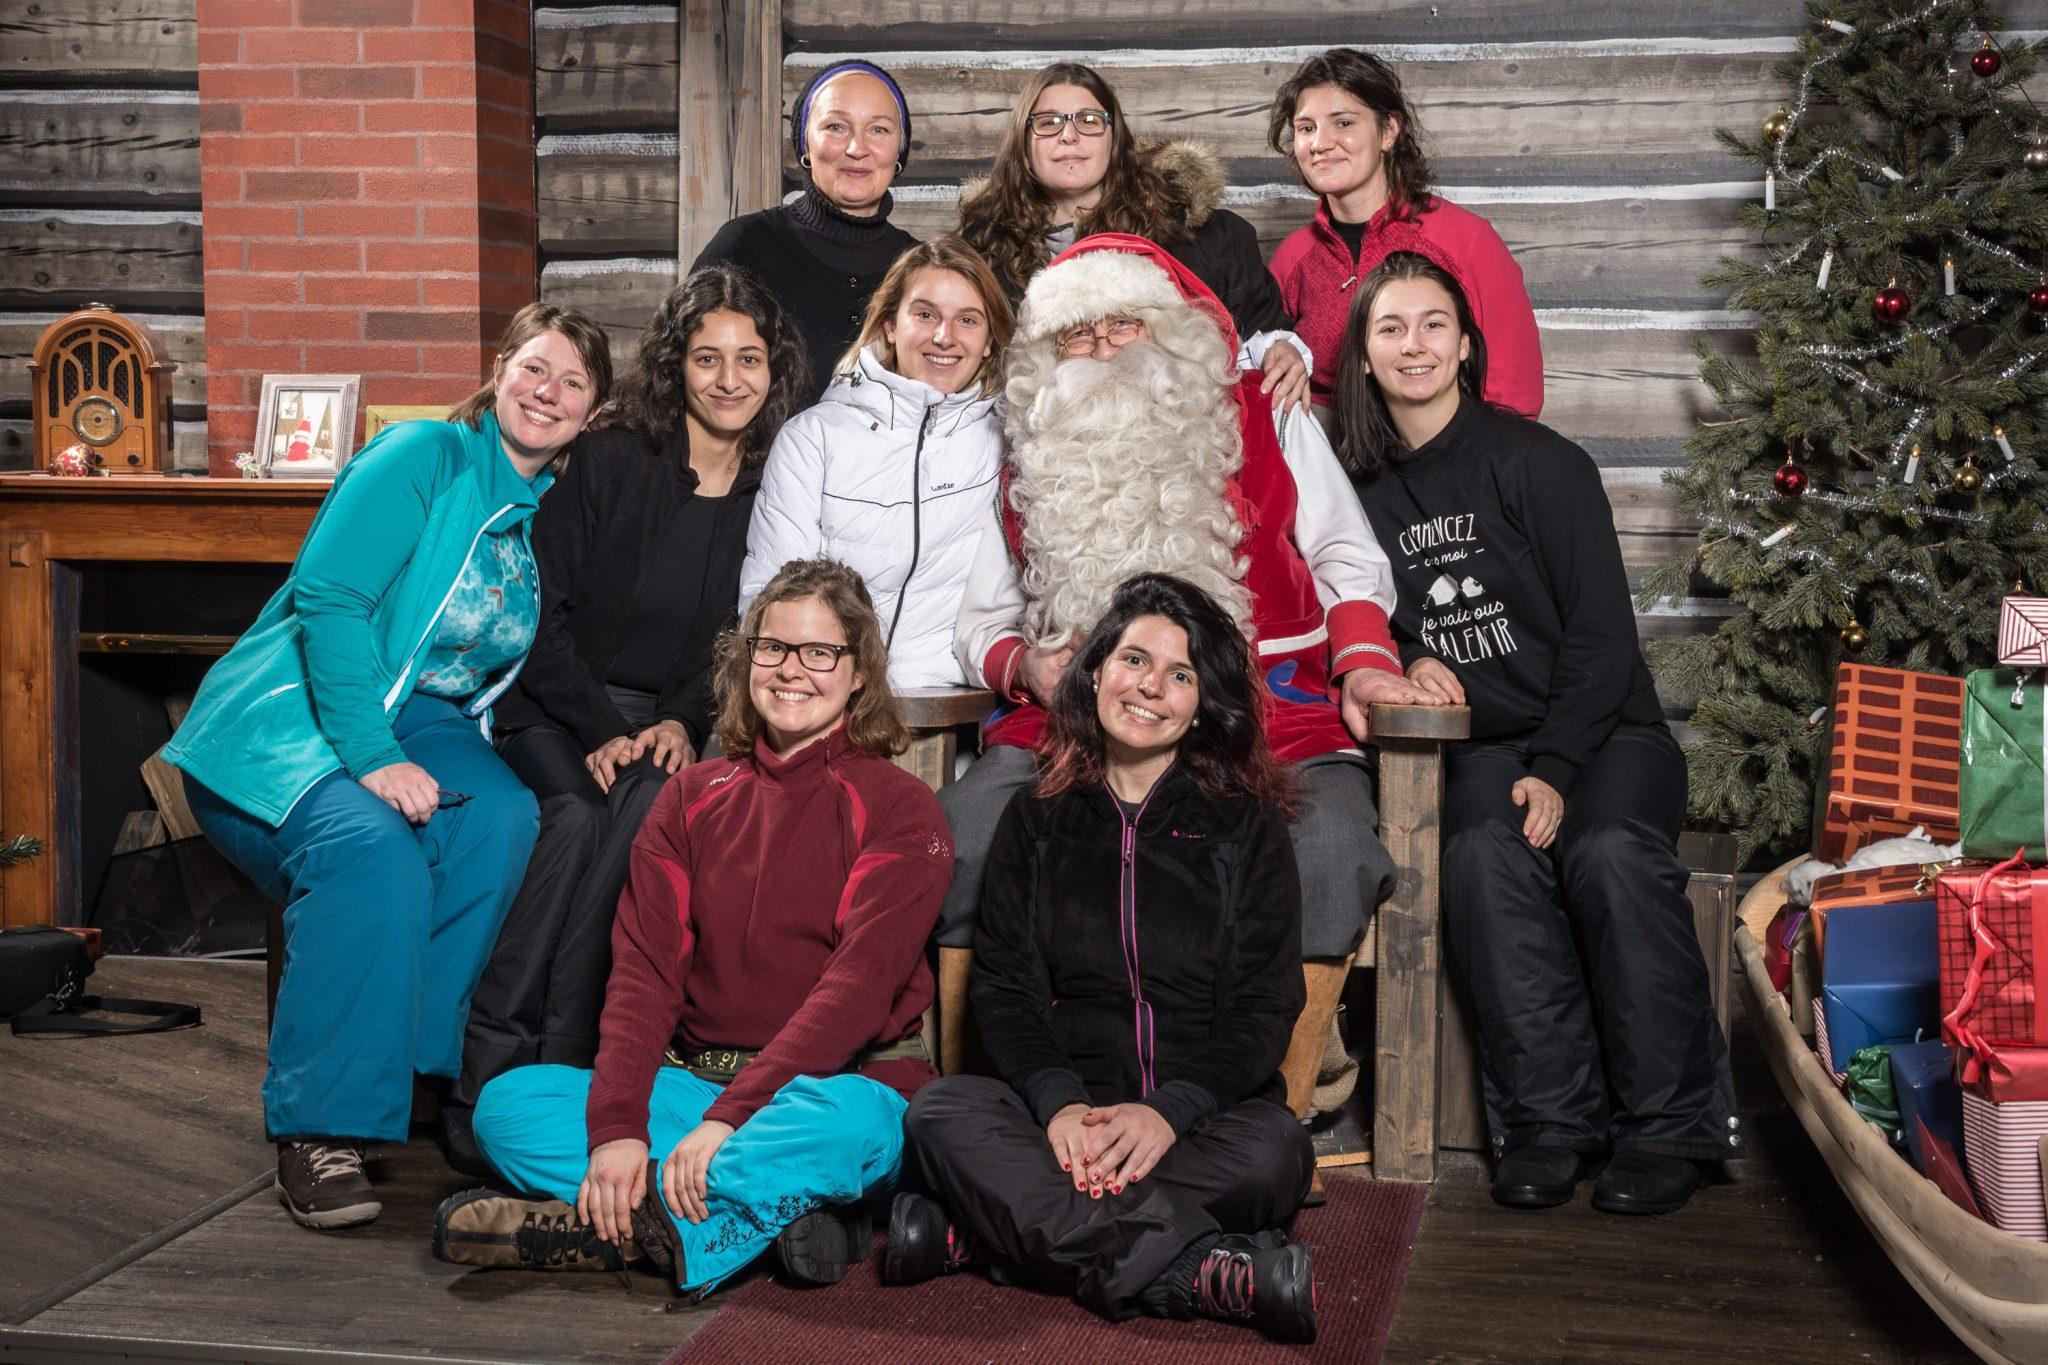 Visiter le village du père Noël à Rovaniemi - Photo père Noël